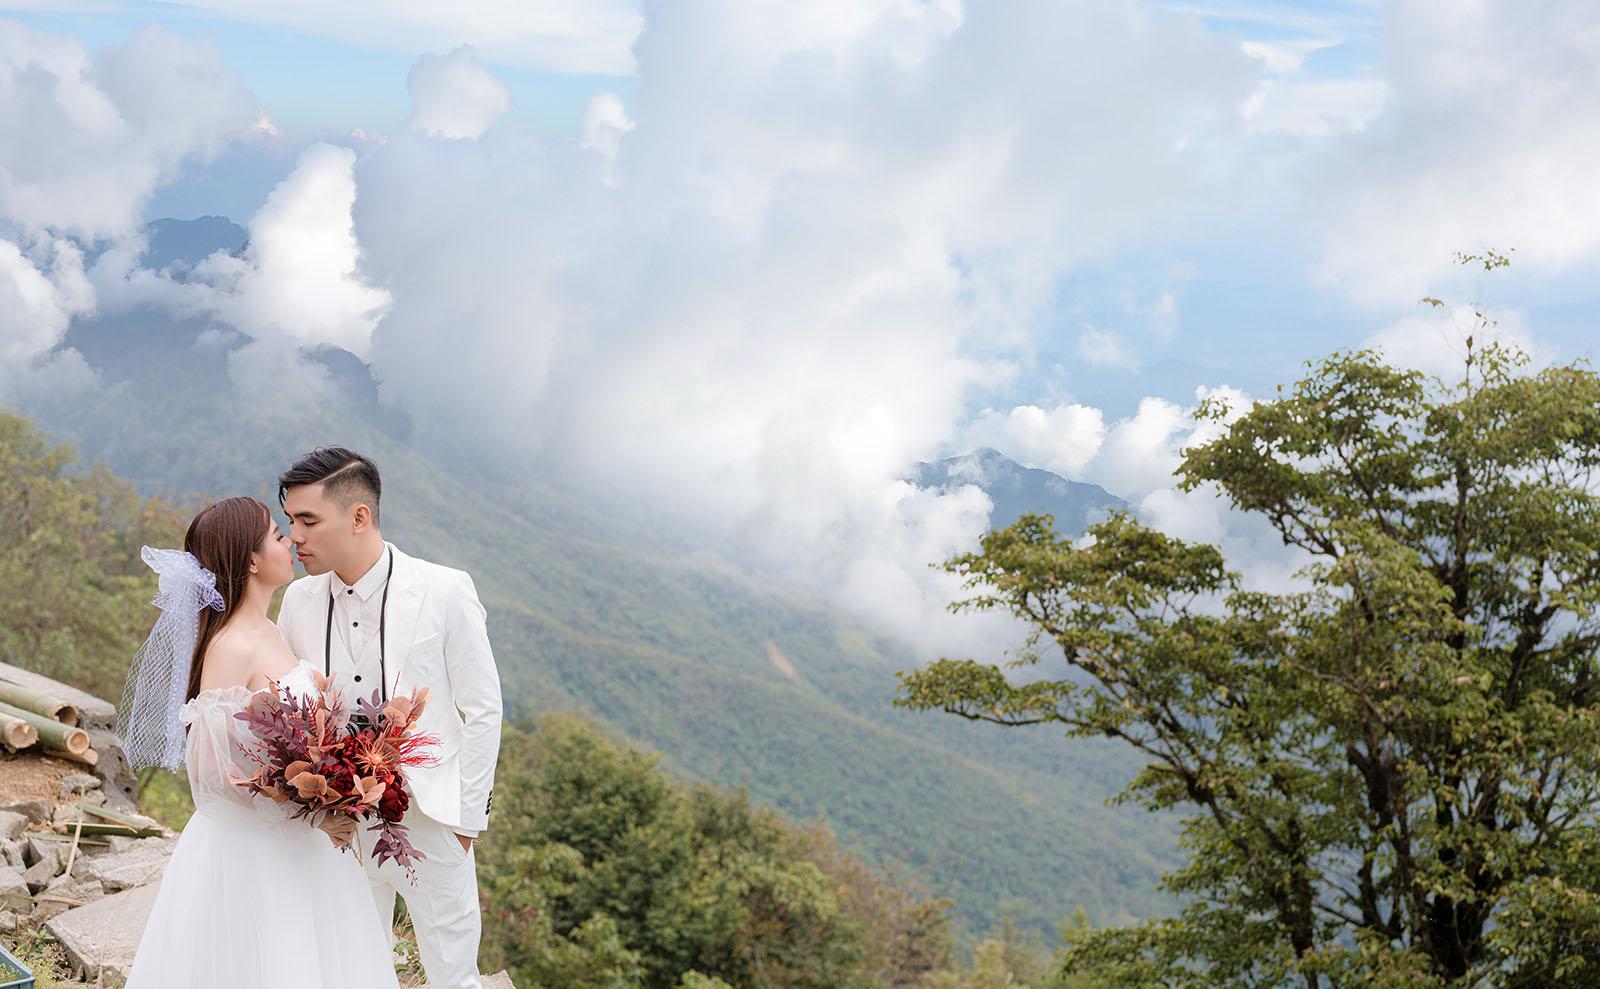 Thiên đường chụp ảnh cưới Sapa với cảnh sắc thiên nhiên động lòng người